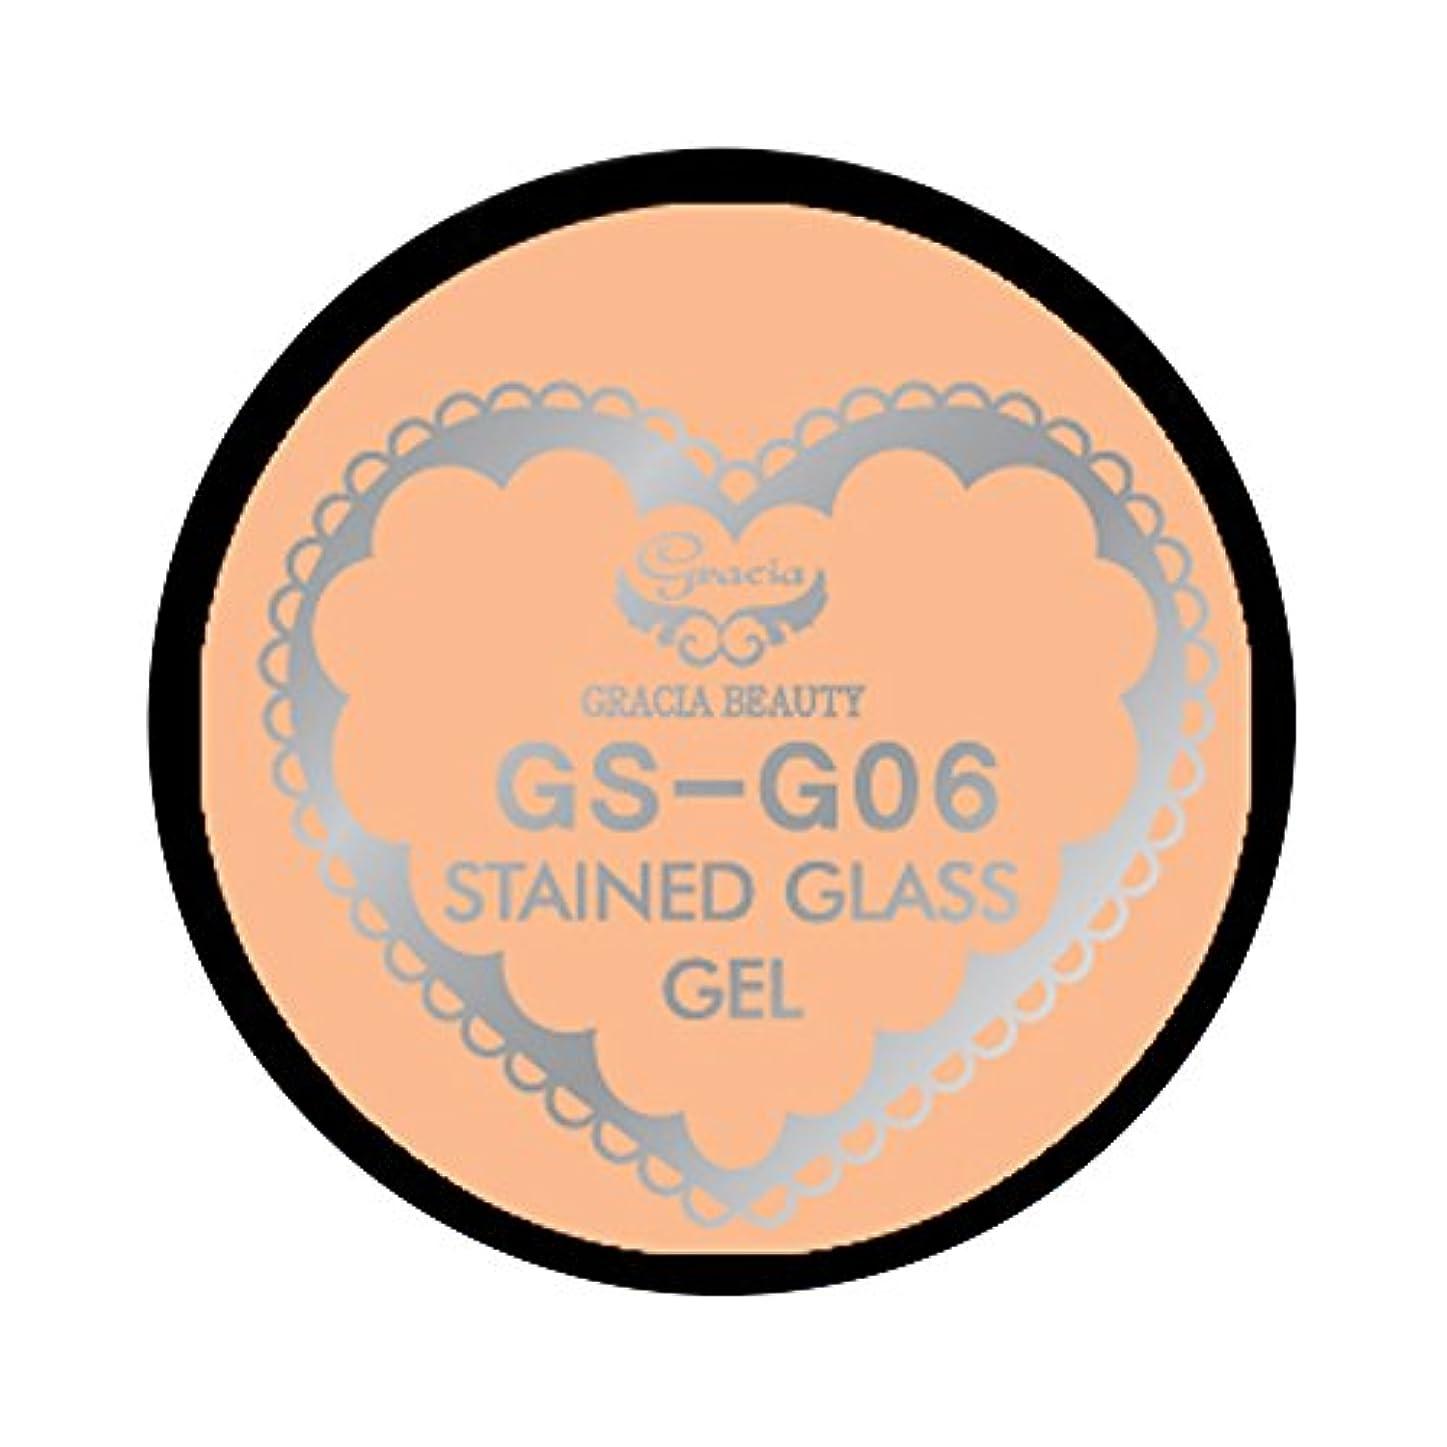 便宜ペリスコープネブグラシア ジェルネイル ステンドグラスジェル GSM-G06 3g  グリッター UV/LED対応 カラージェル ソークオフジェル ガラスのような透明感